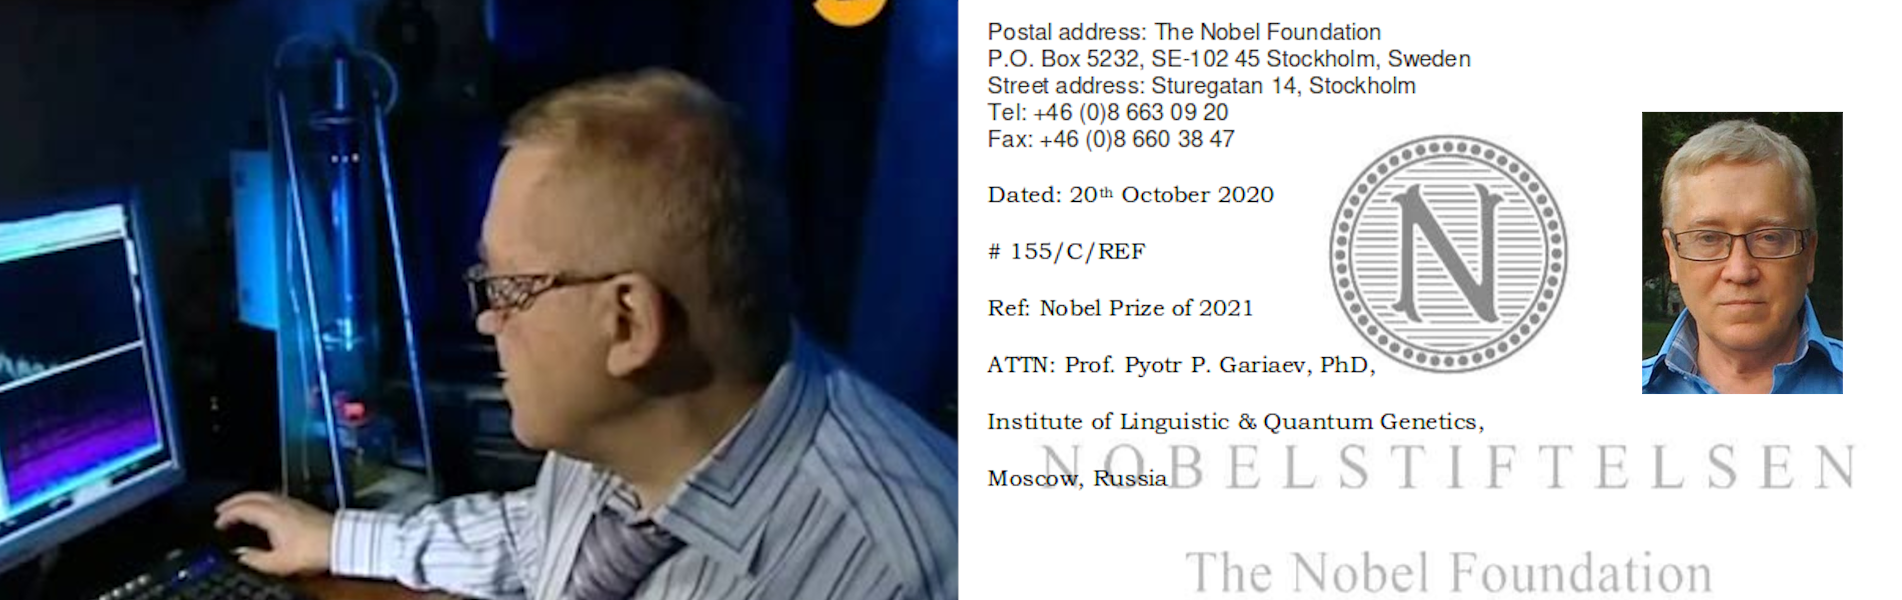 Prof. Peter P. Garyaev je nominován na Nobelovu cenu za medicínu, která se bude konat v roce 2021.